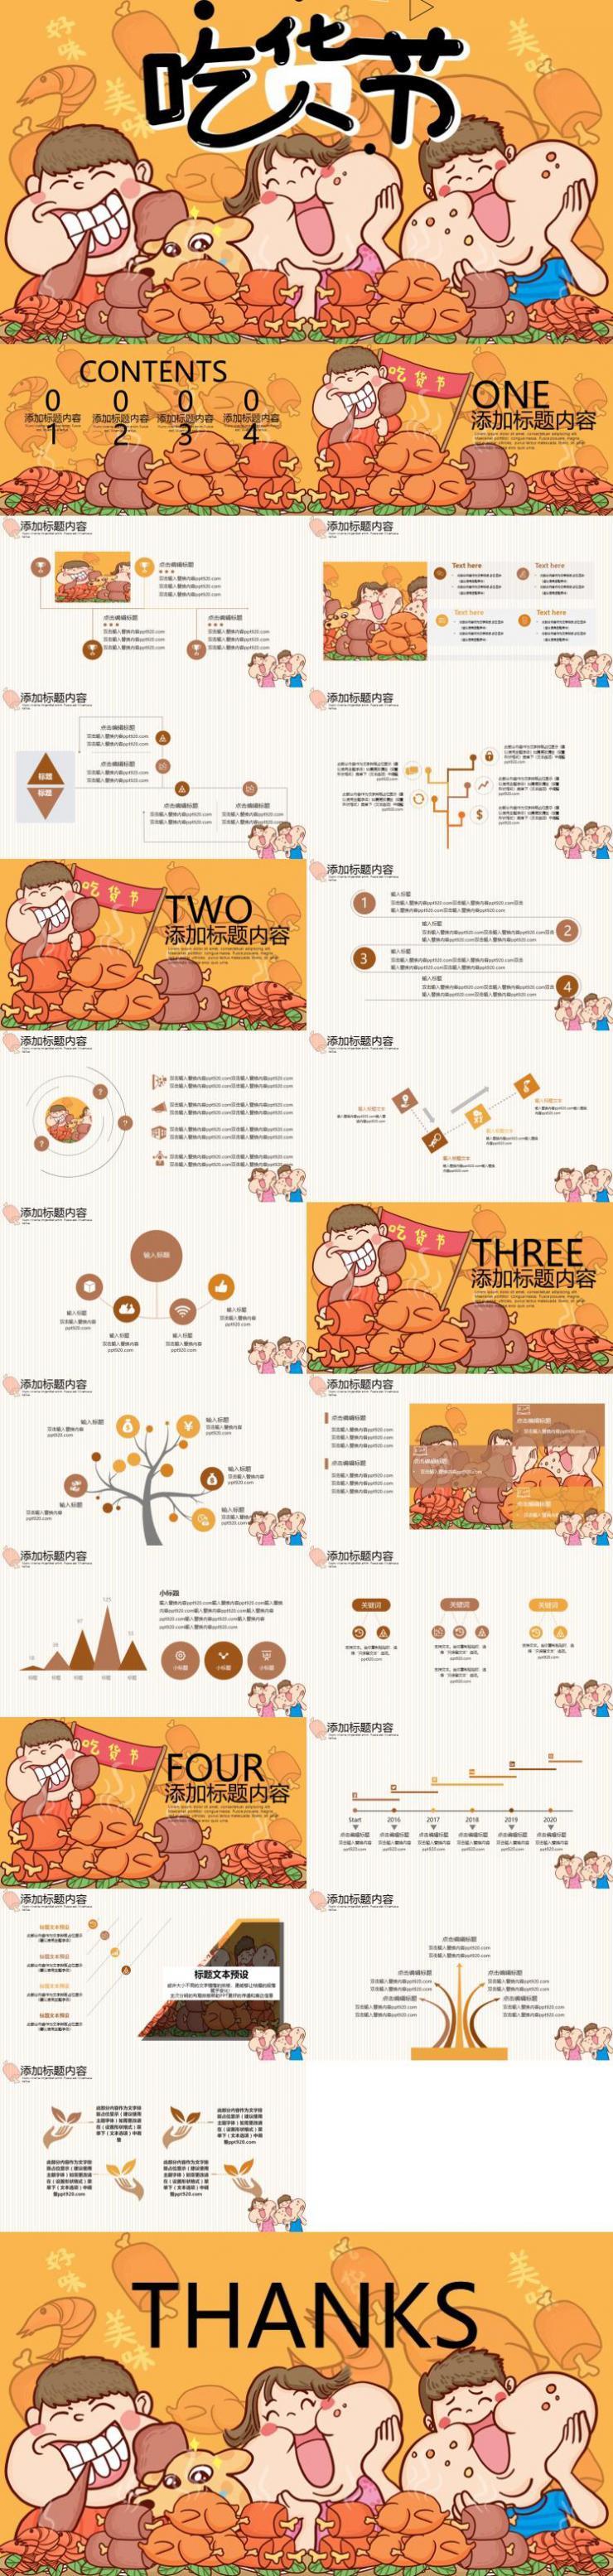 可爱卡通吃货节活动策划PPT模板